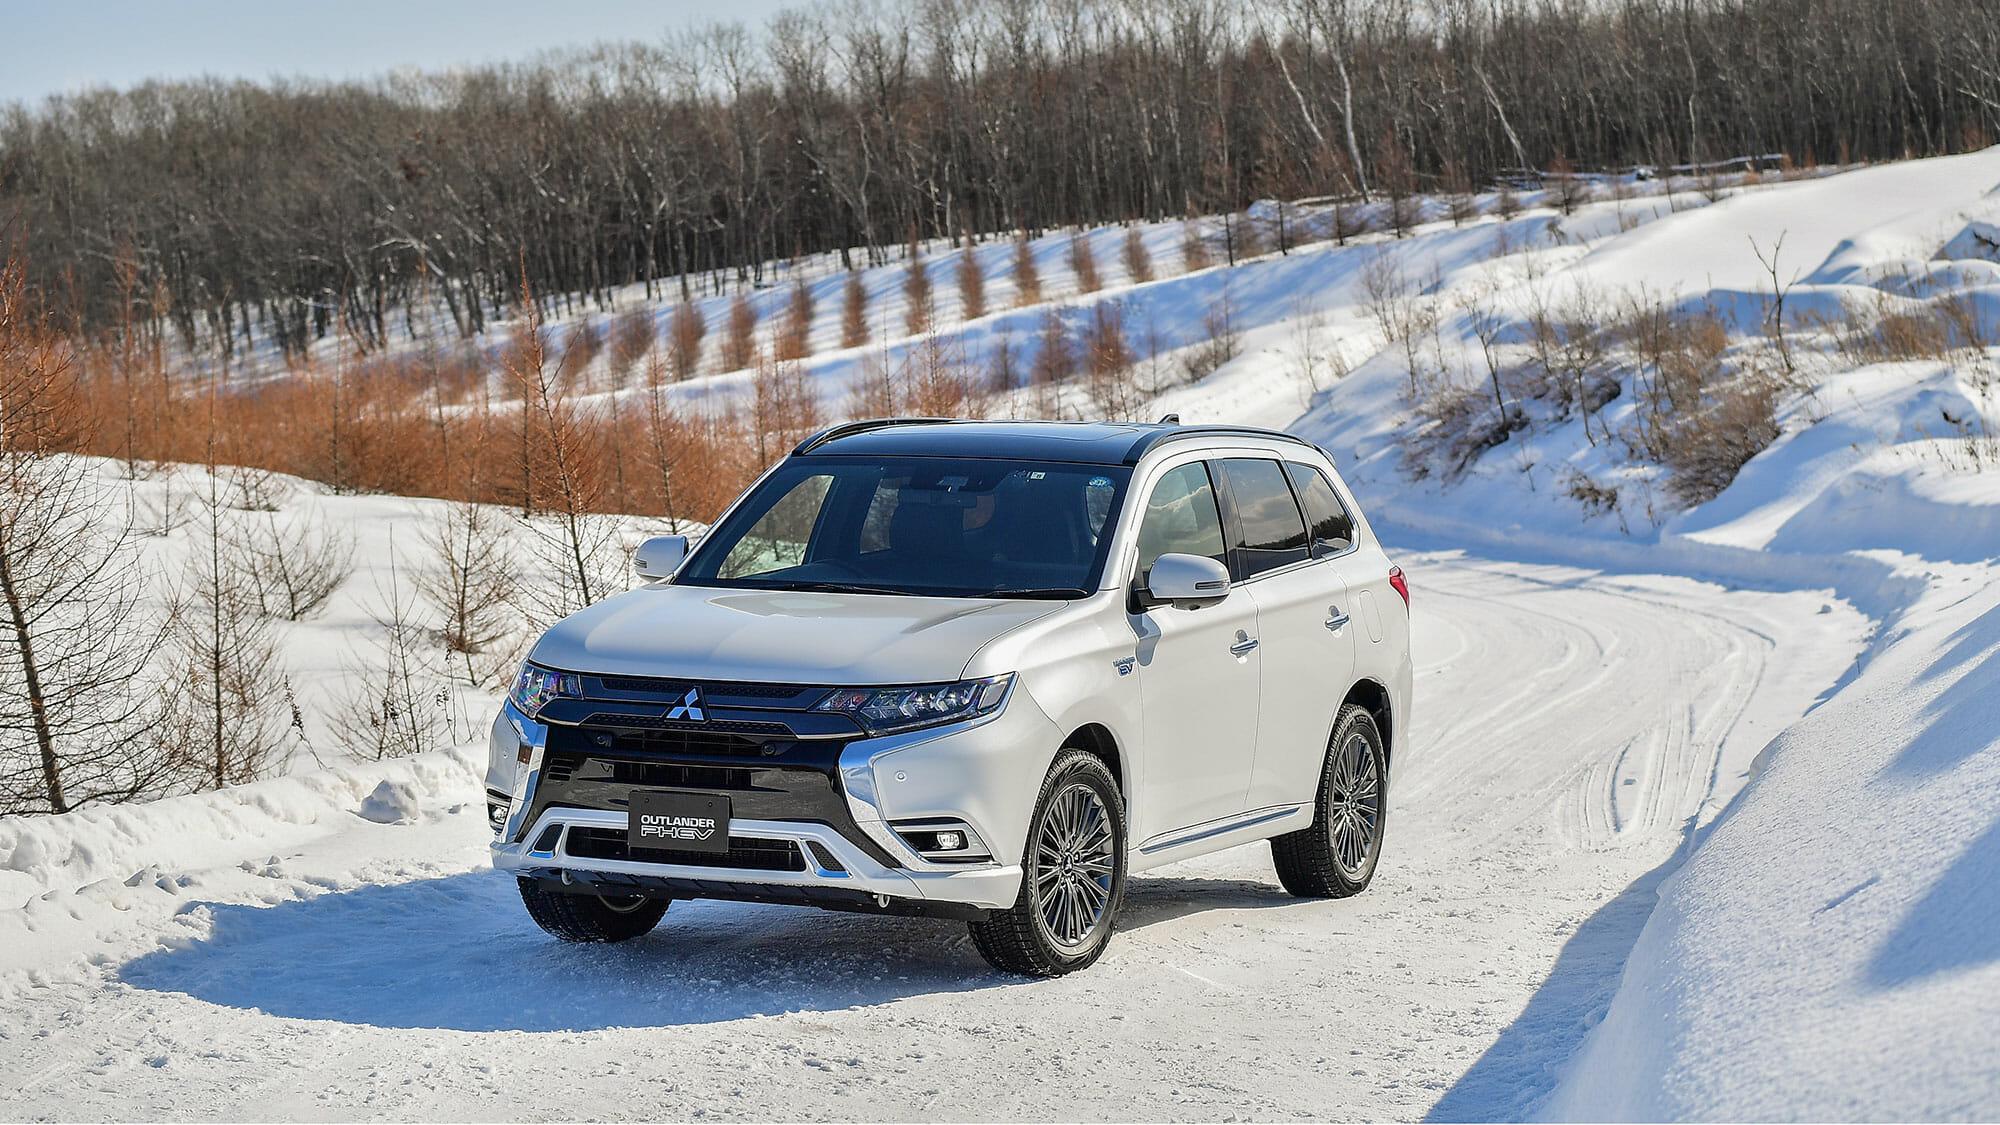 三菱アウトランダーPHEV(2019)雪上試乗〜4WDシステムの完成度を実感 | EVsmartブログ